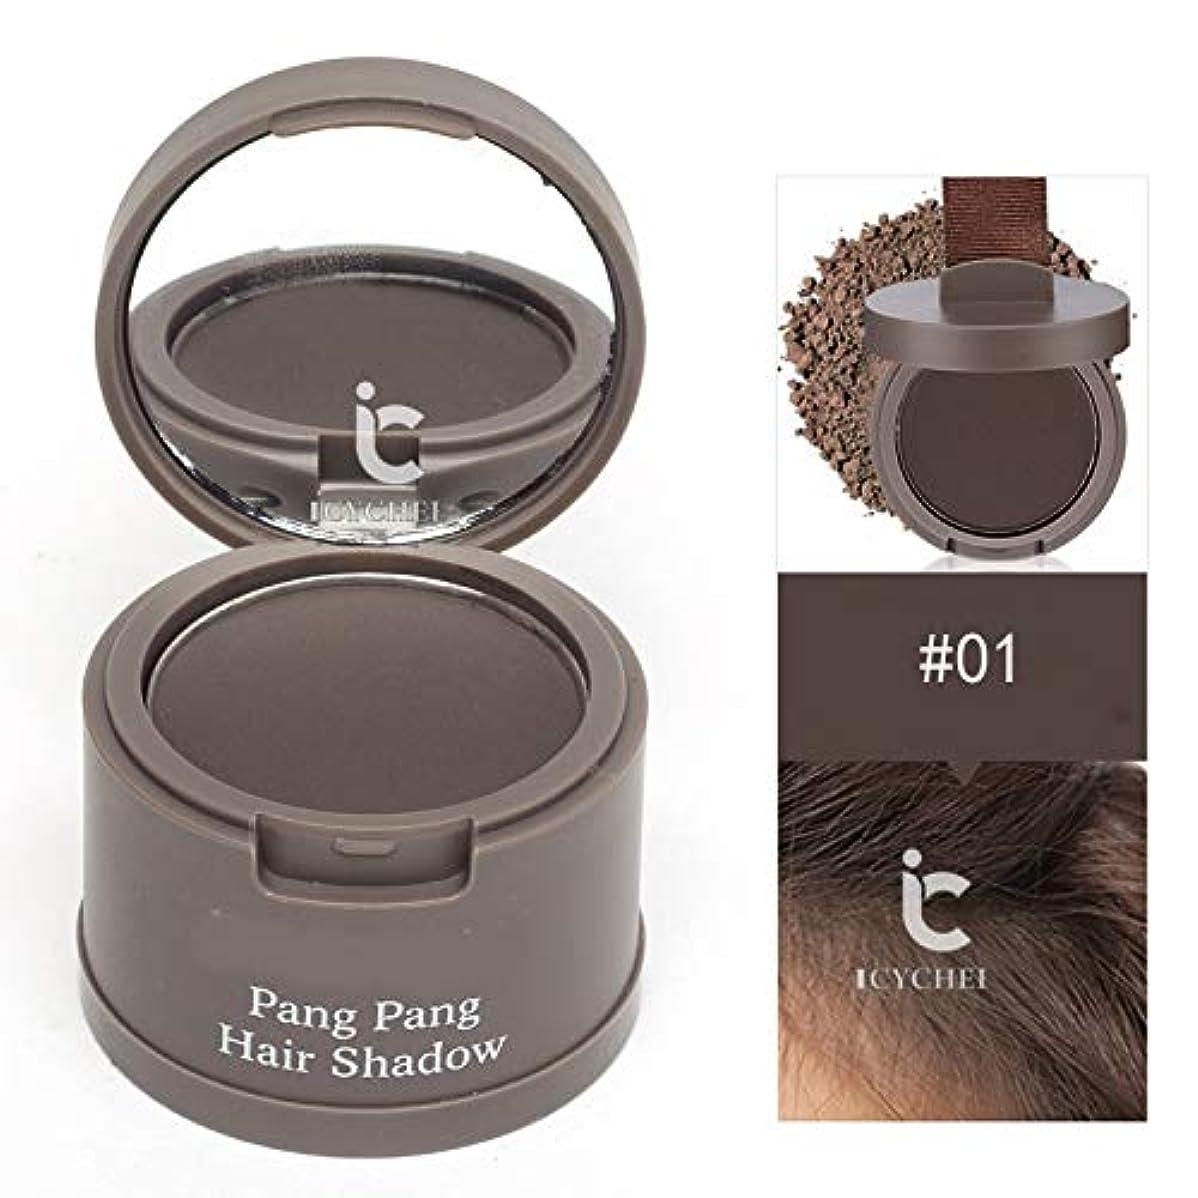 切るダイバーブロック髪のためのヘアラインシャドウパウダー髪のシェーダレタッチルーツと髪パーフェクトカバレッジをラスティングICYCHEER防水ロング (01)